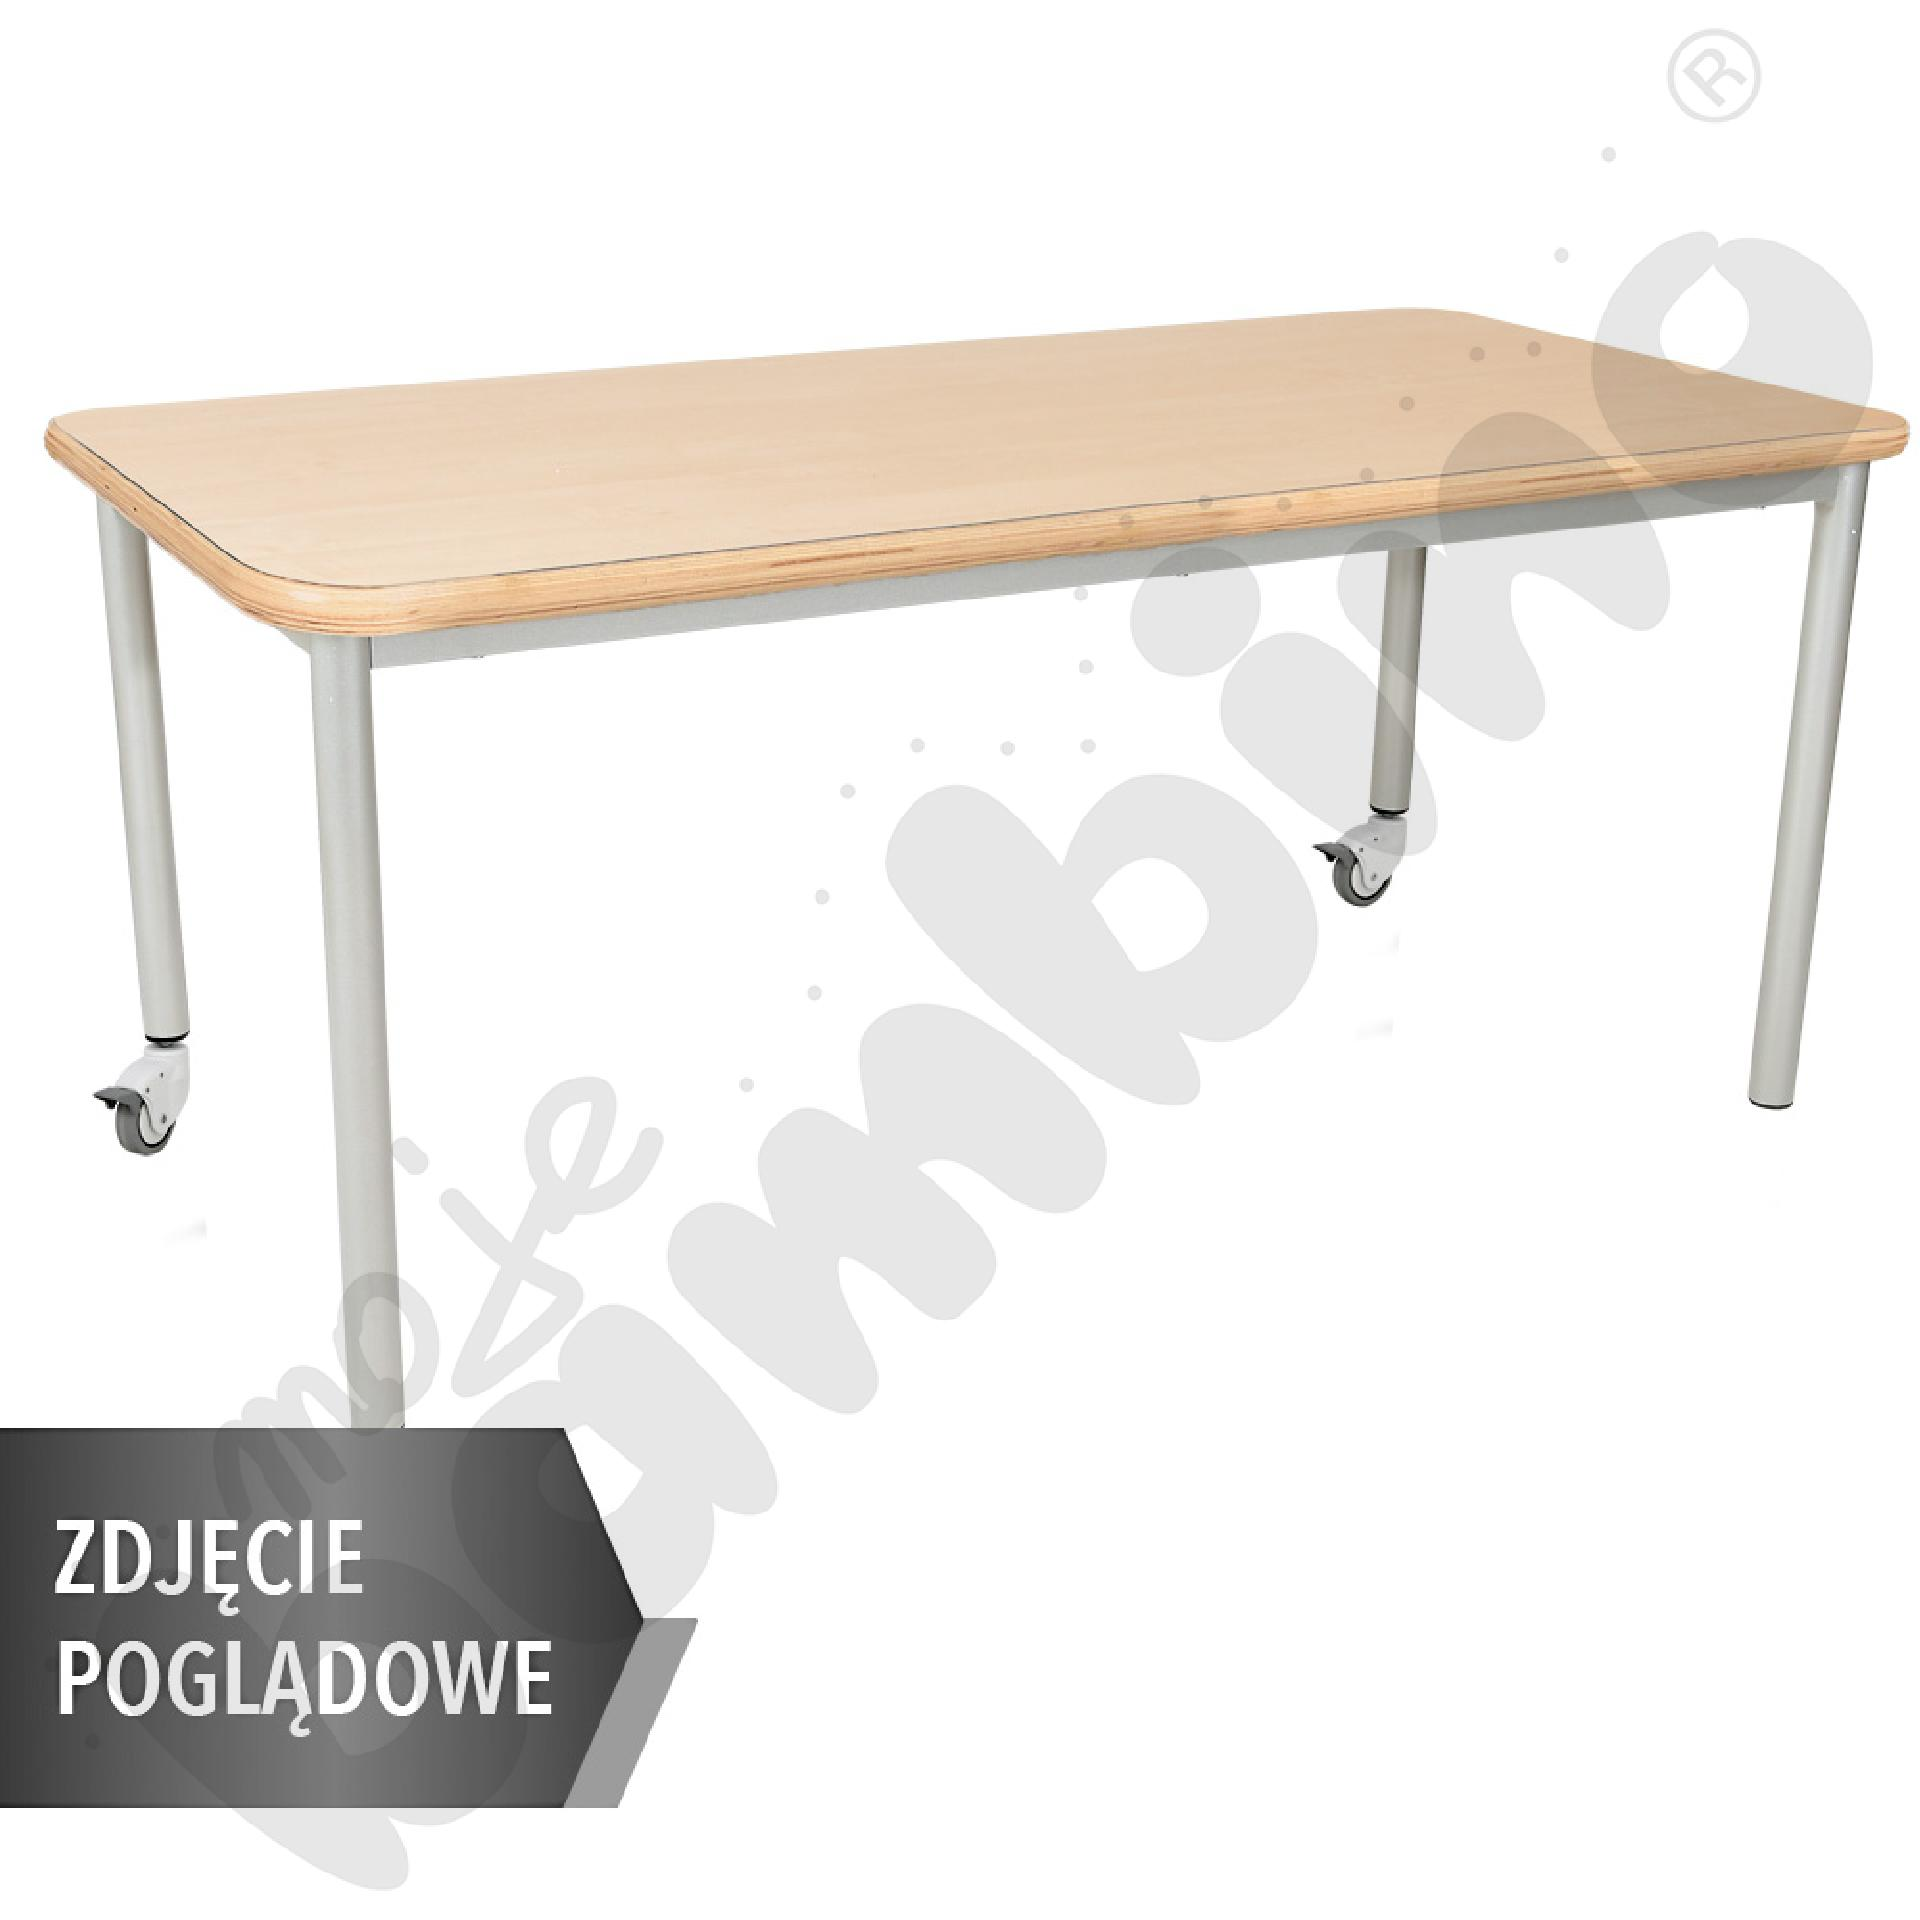 Stół Mila prostokątny, 140 x 70 cm, rozm. 1 - buk